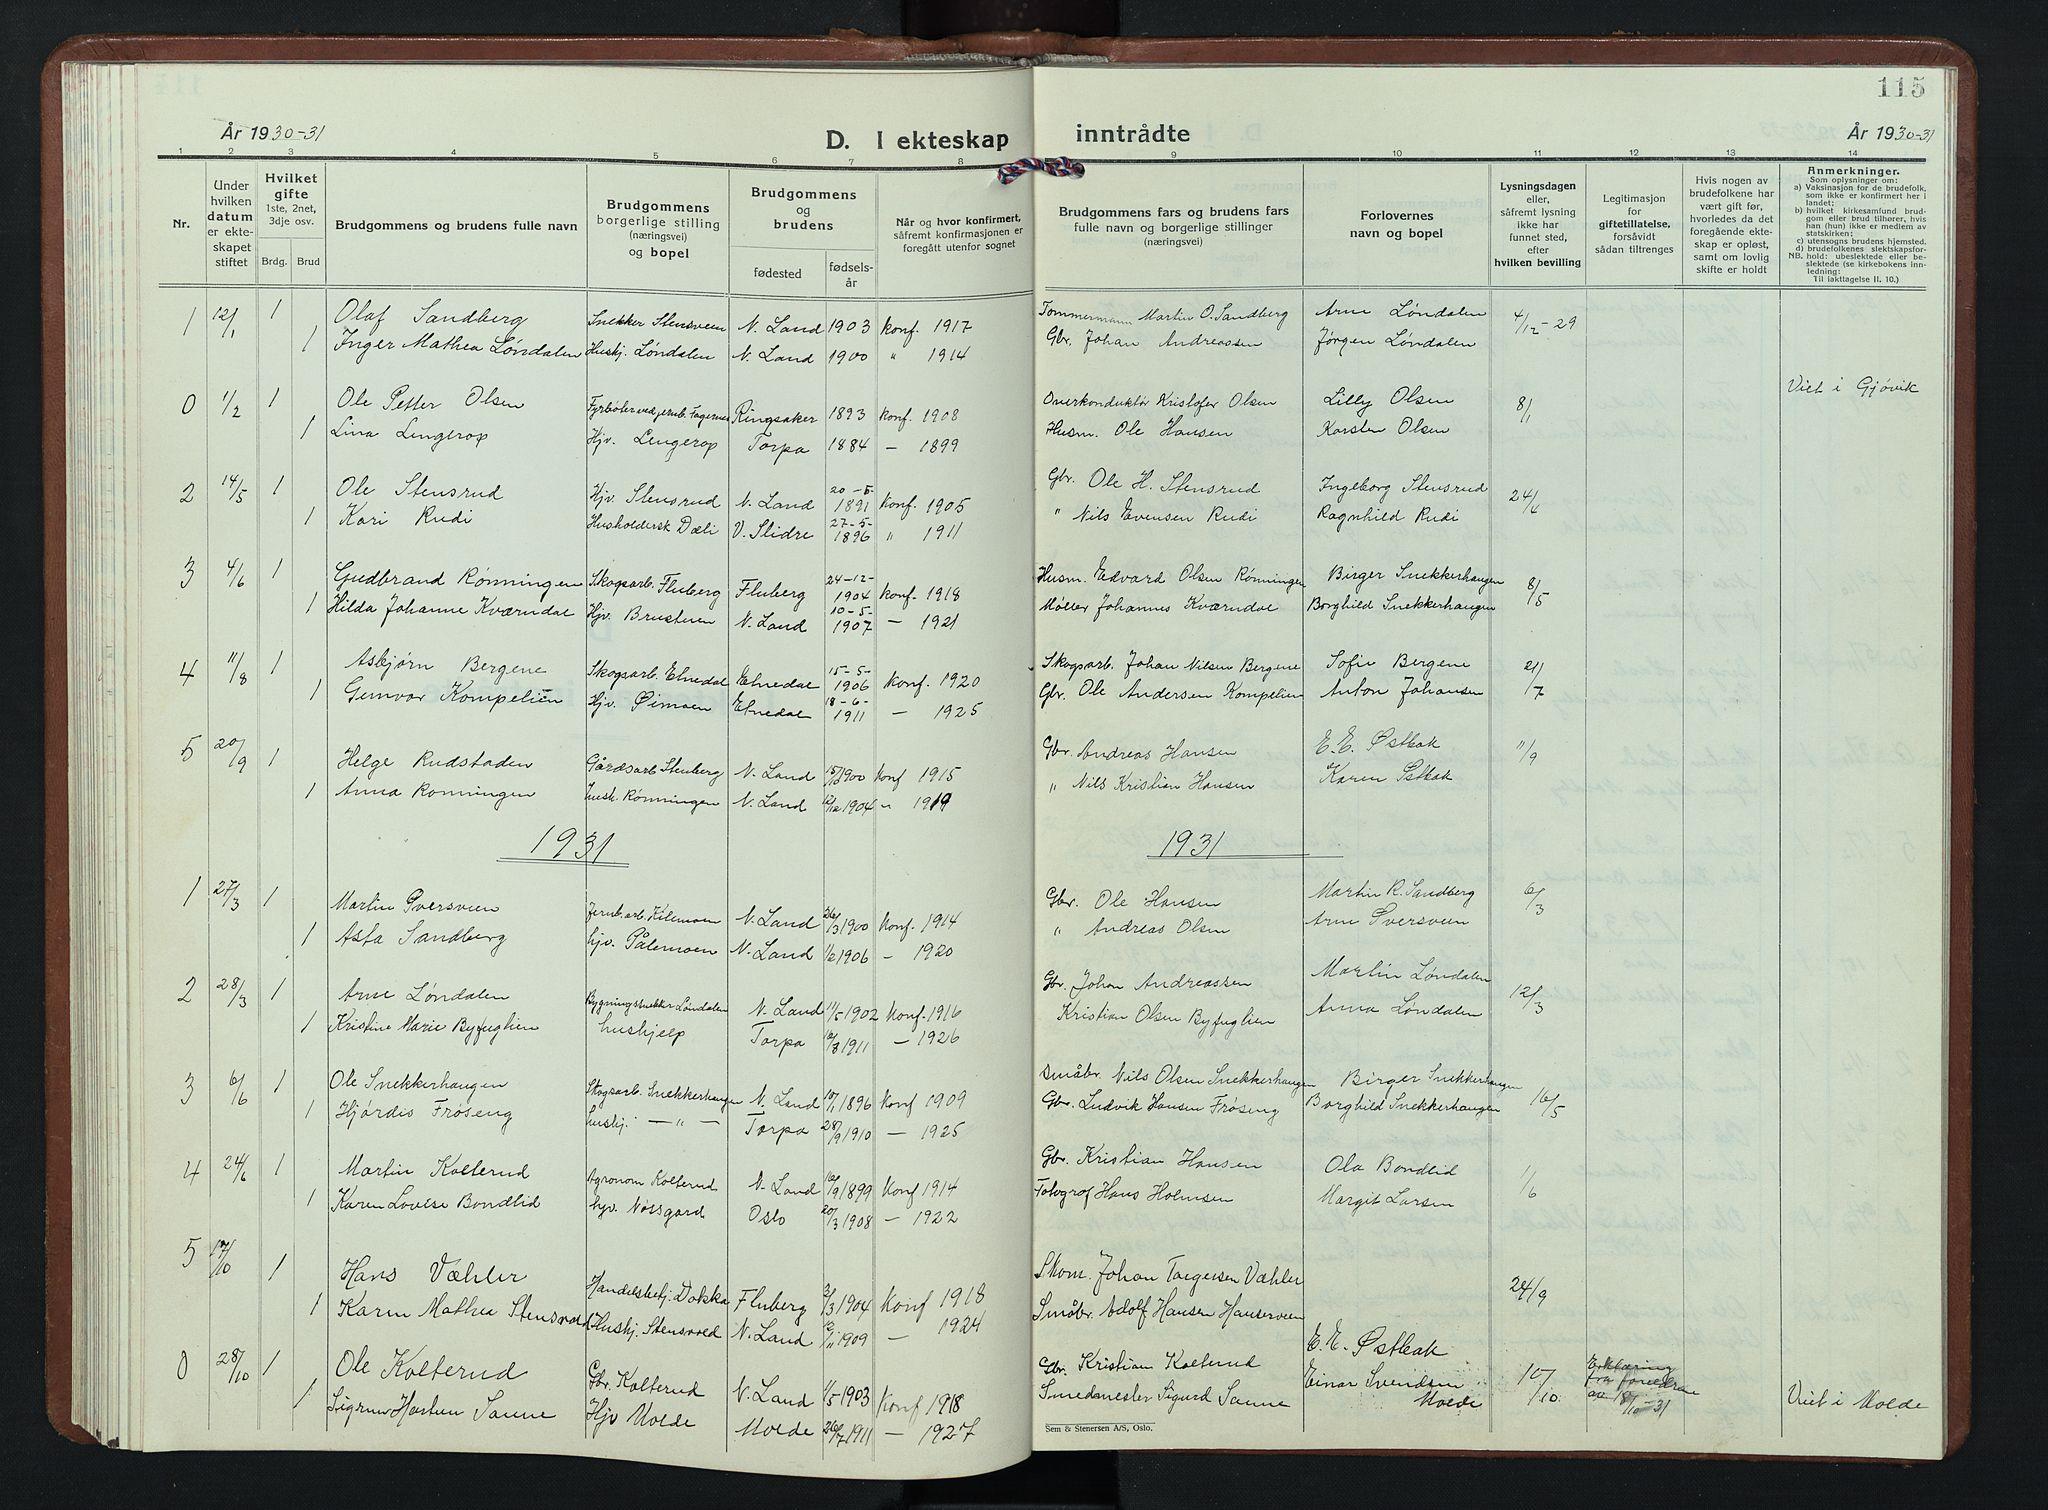 SAH, Nordre Land prestekontor, Klokkerbok nr. 7, 1930-1953, s. 115